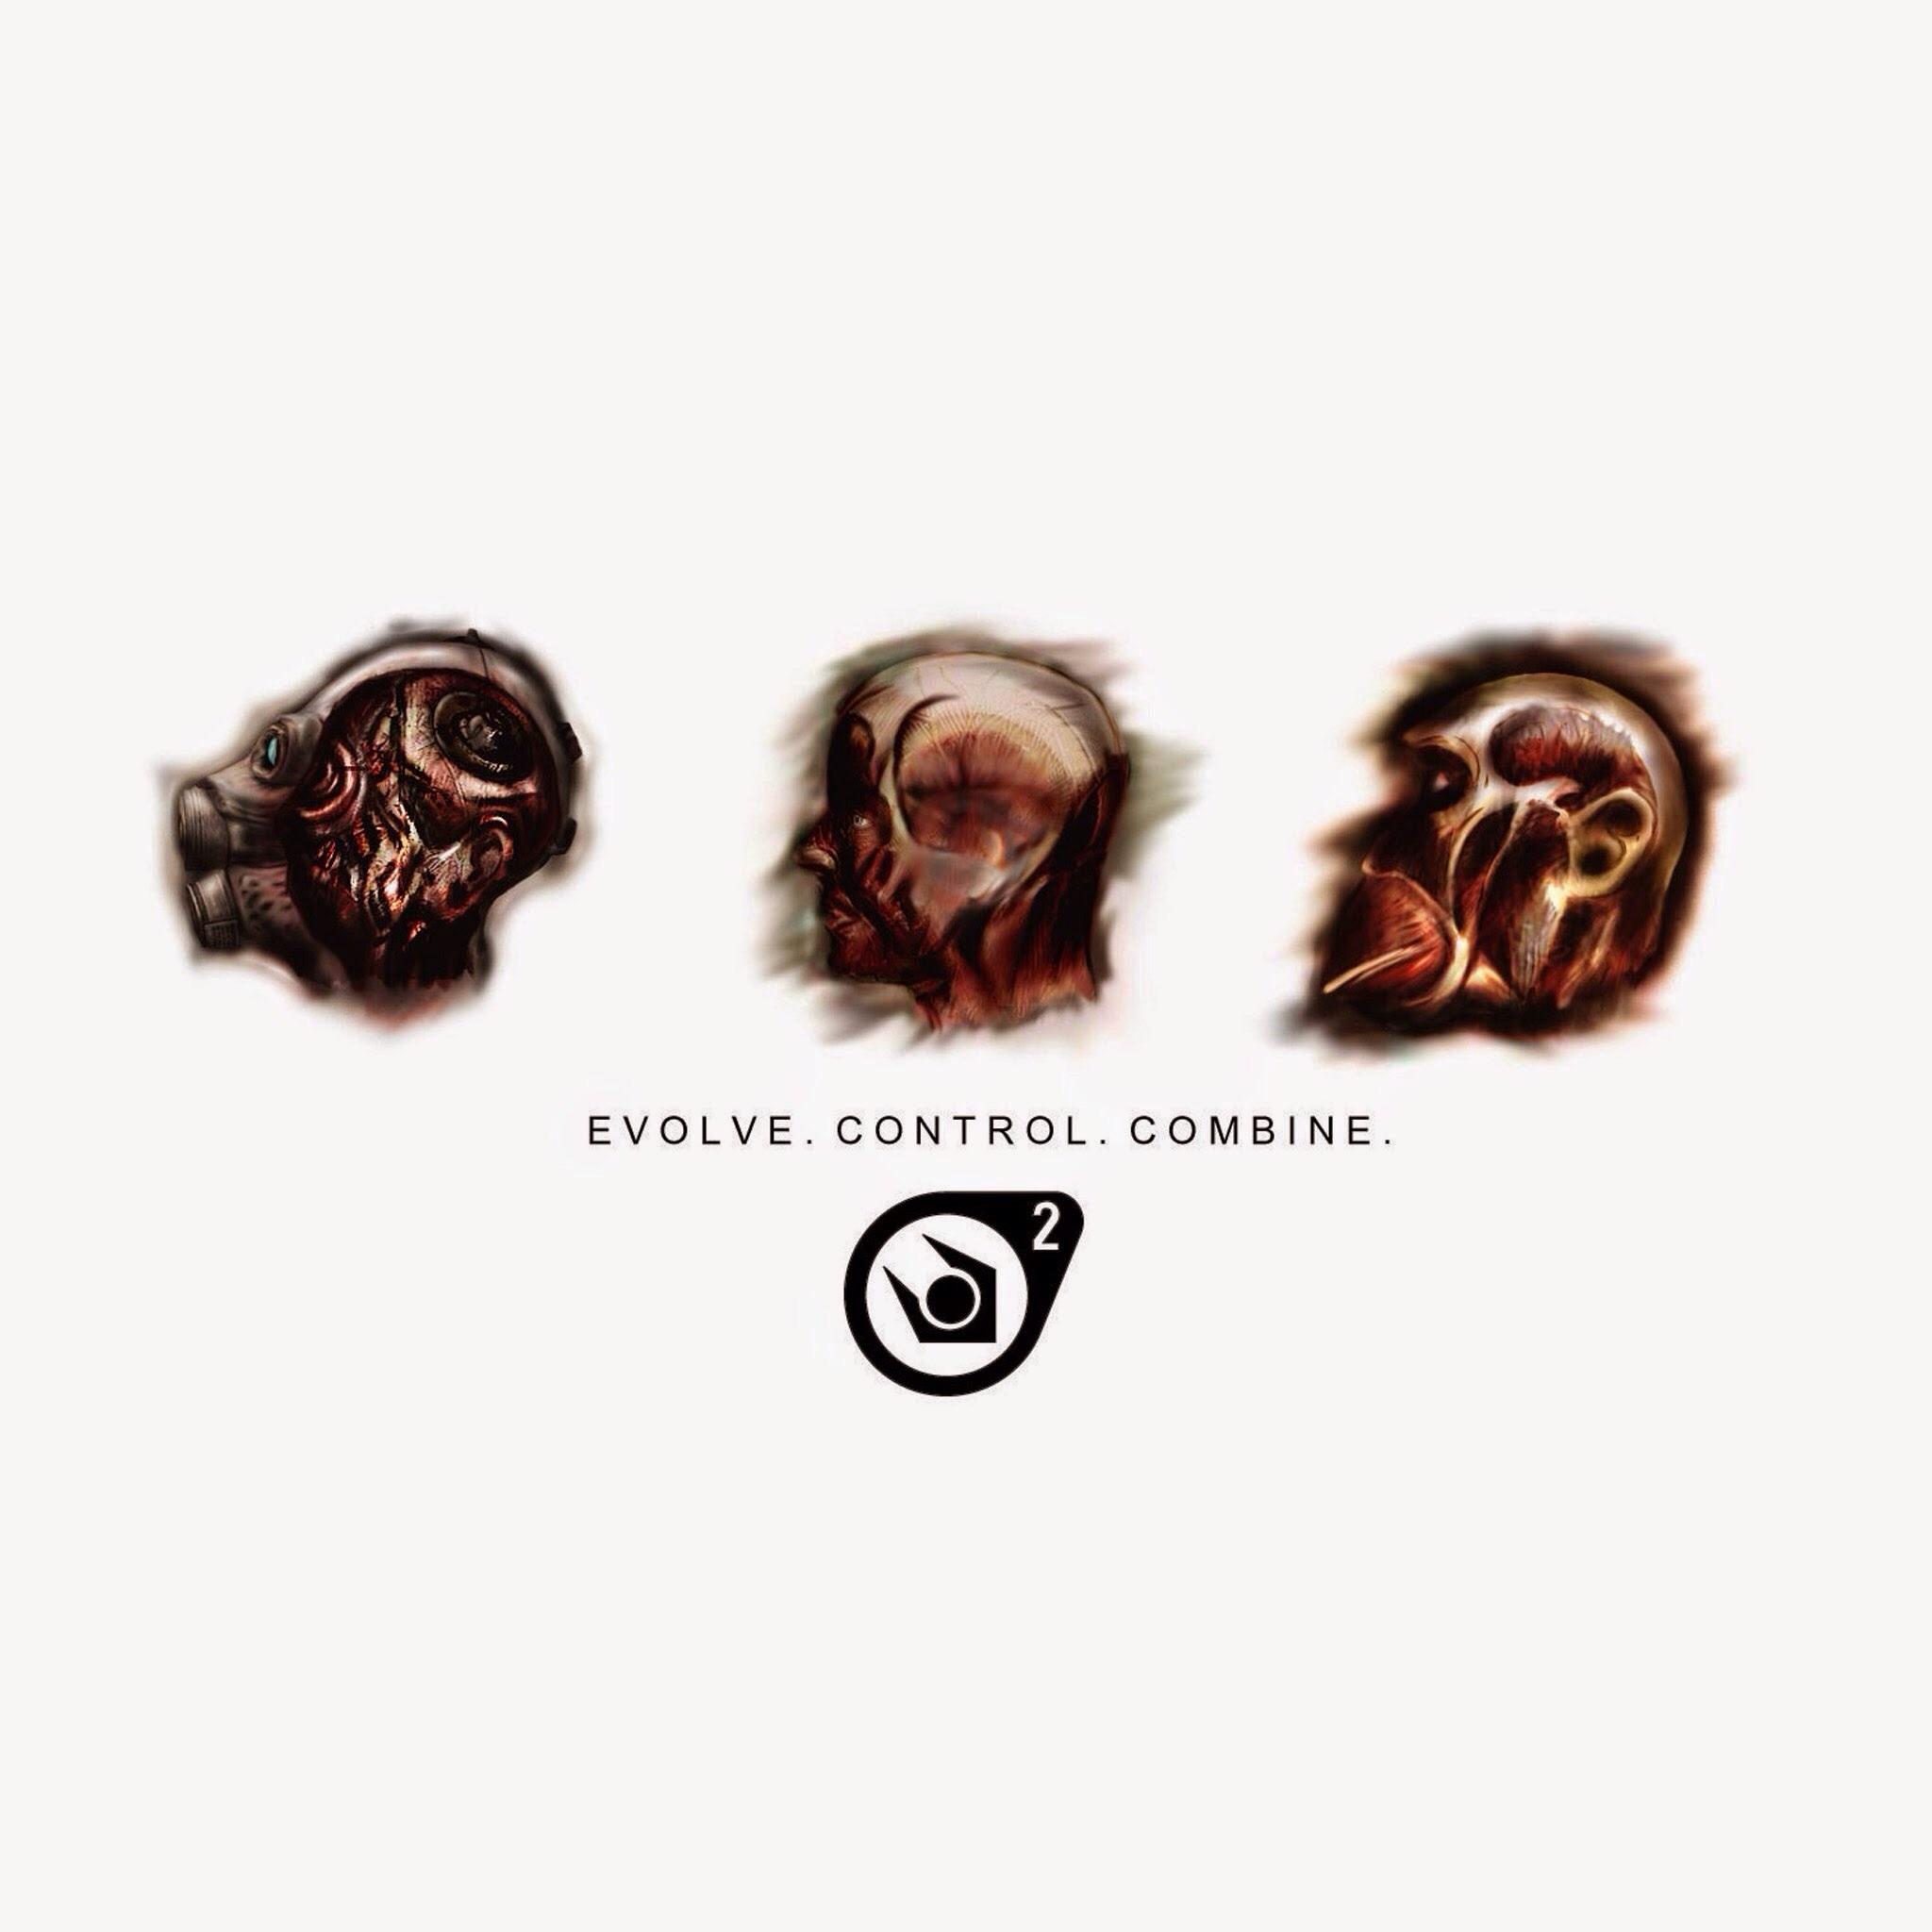 The Combine - Half Life wallpaper (38334801) - fanpop